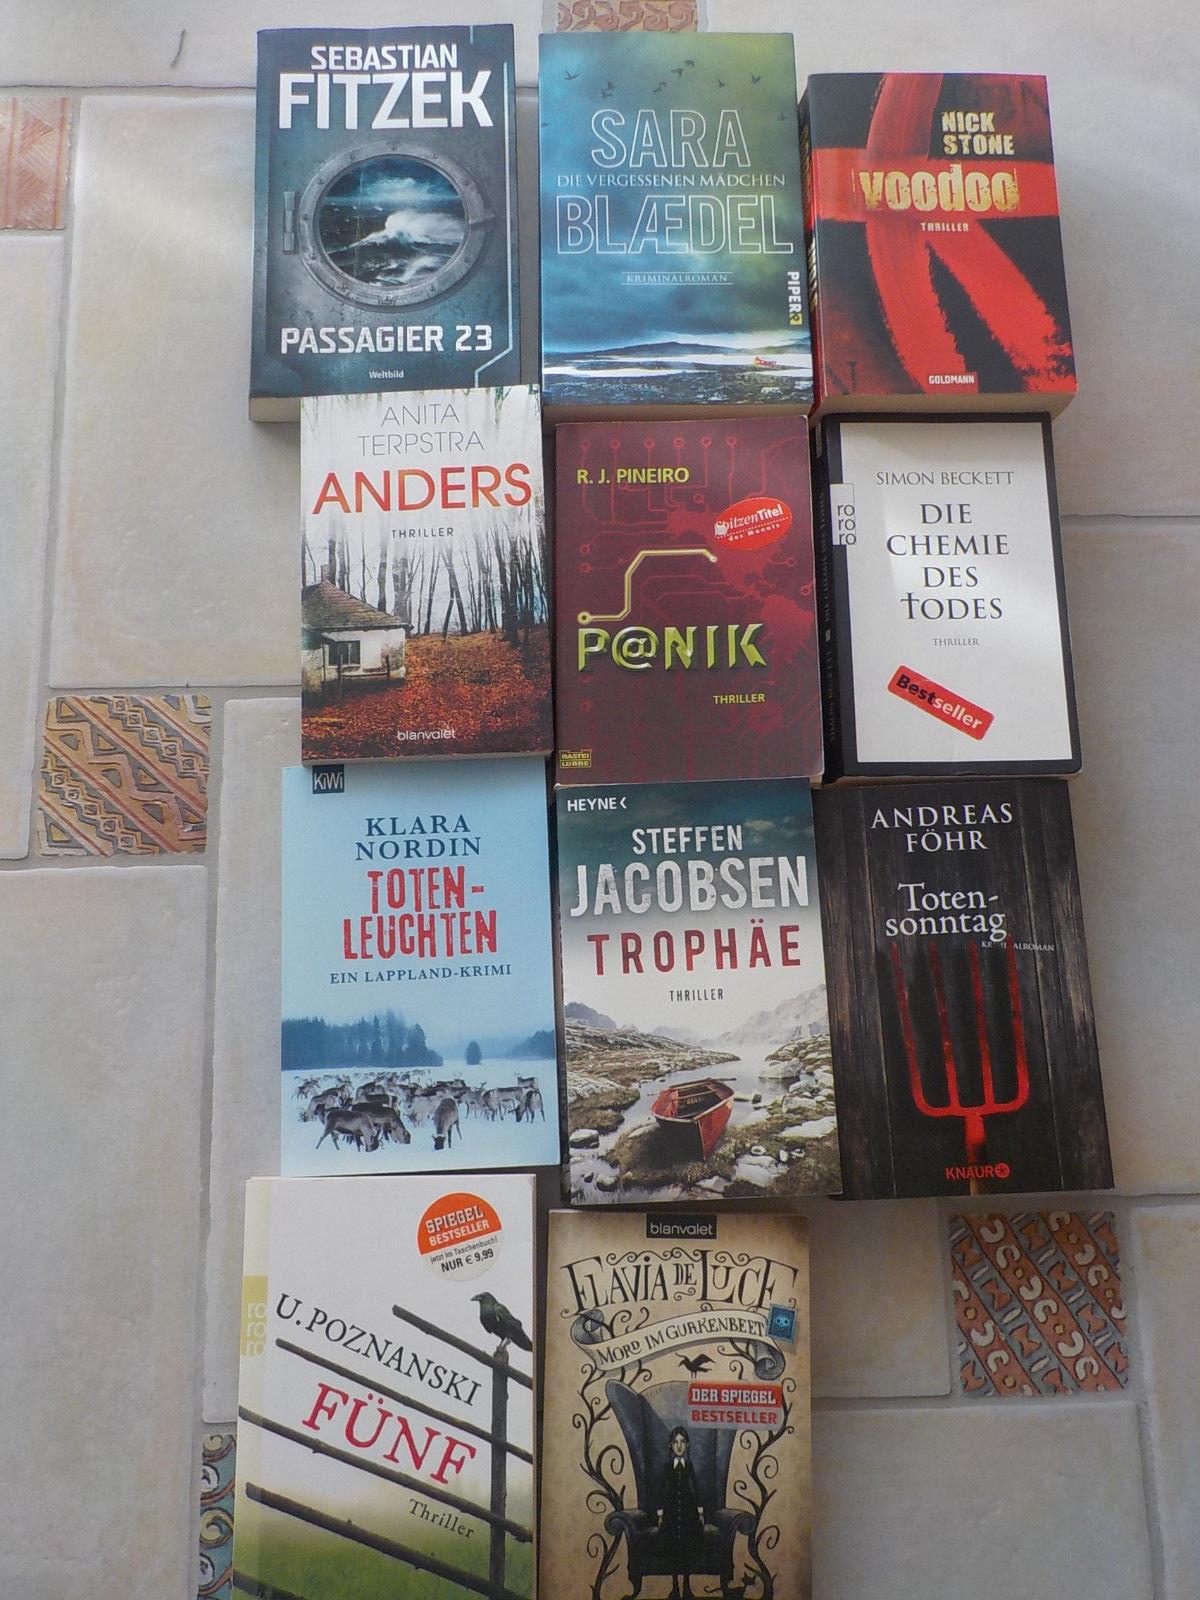 Buchpaket Bücherpaket Konvolut  Krimi Thriller Fitzek/Föhr dänisch finnisch